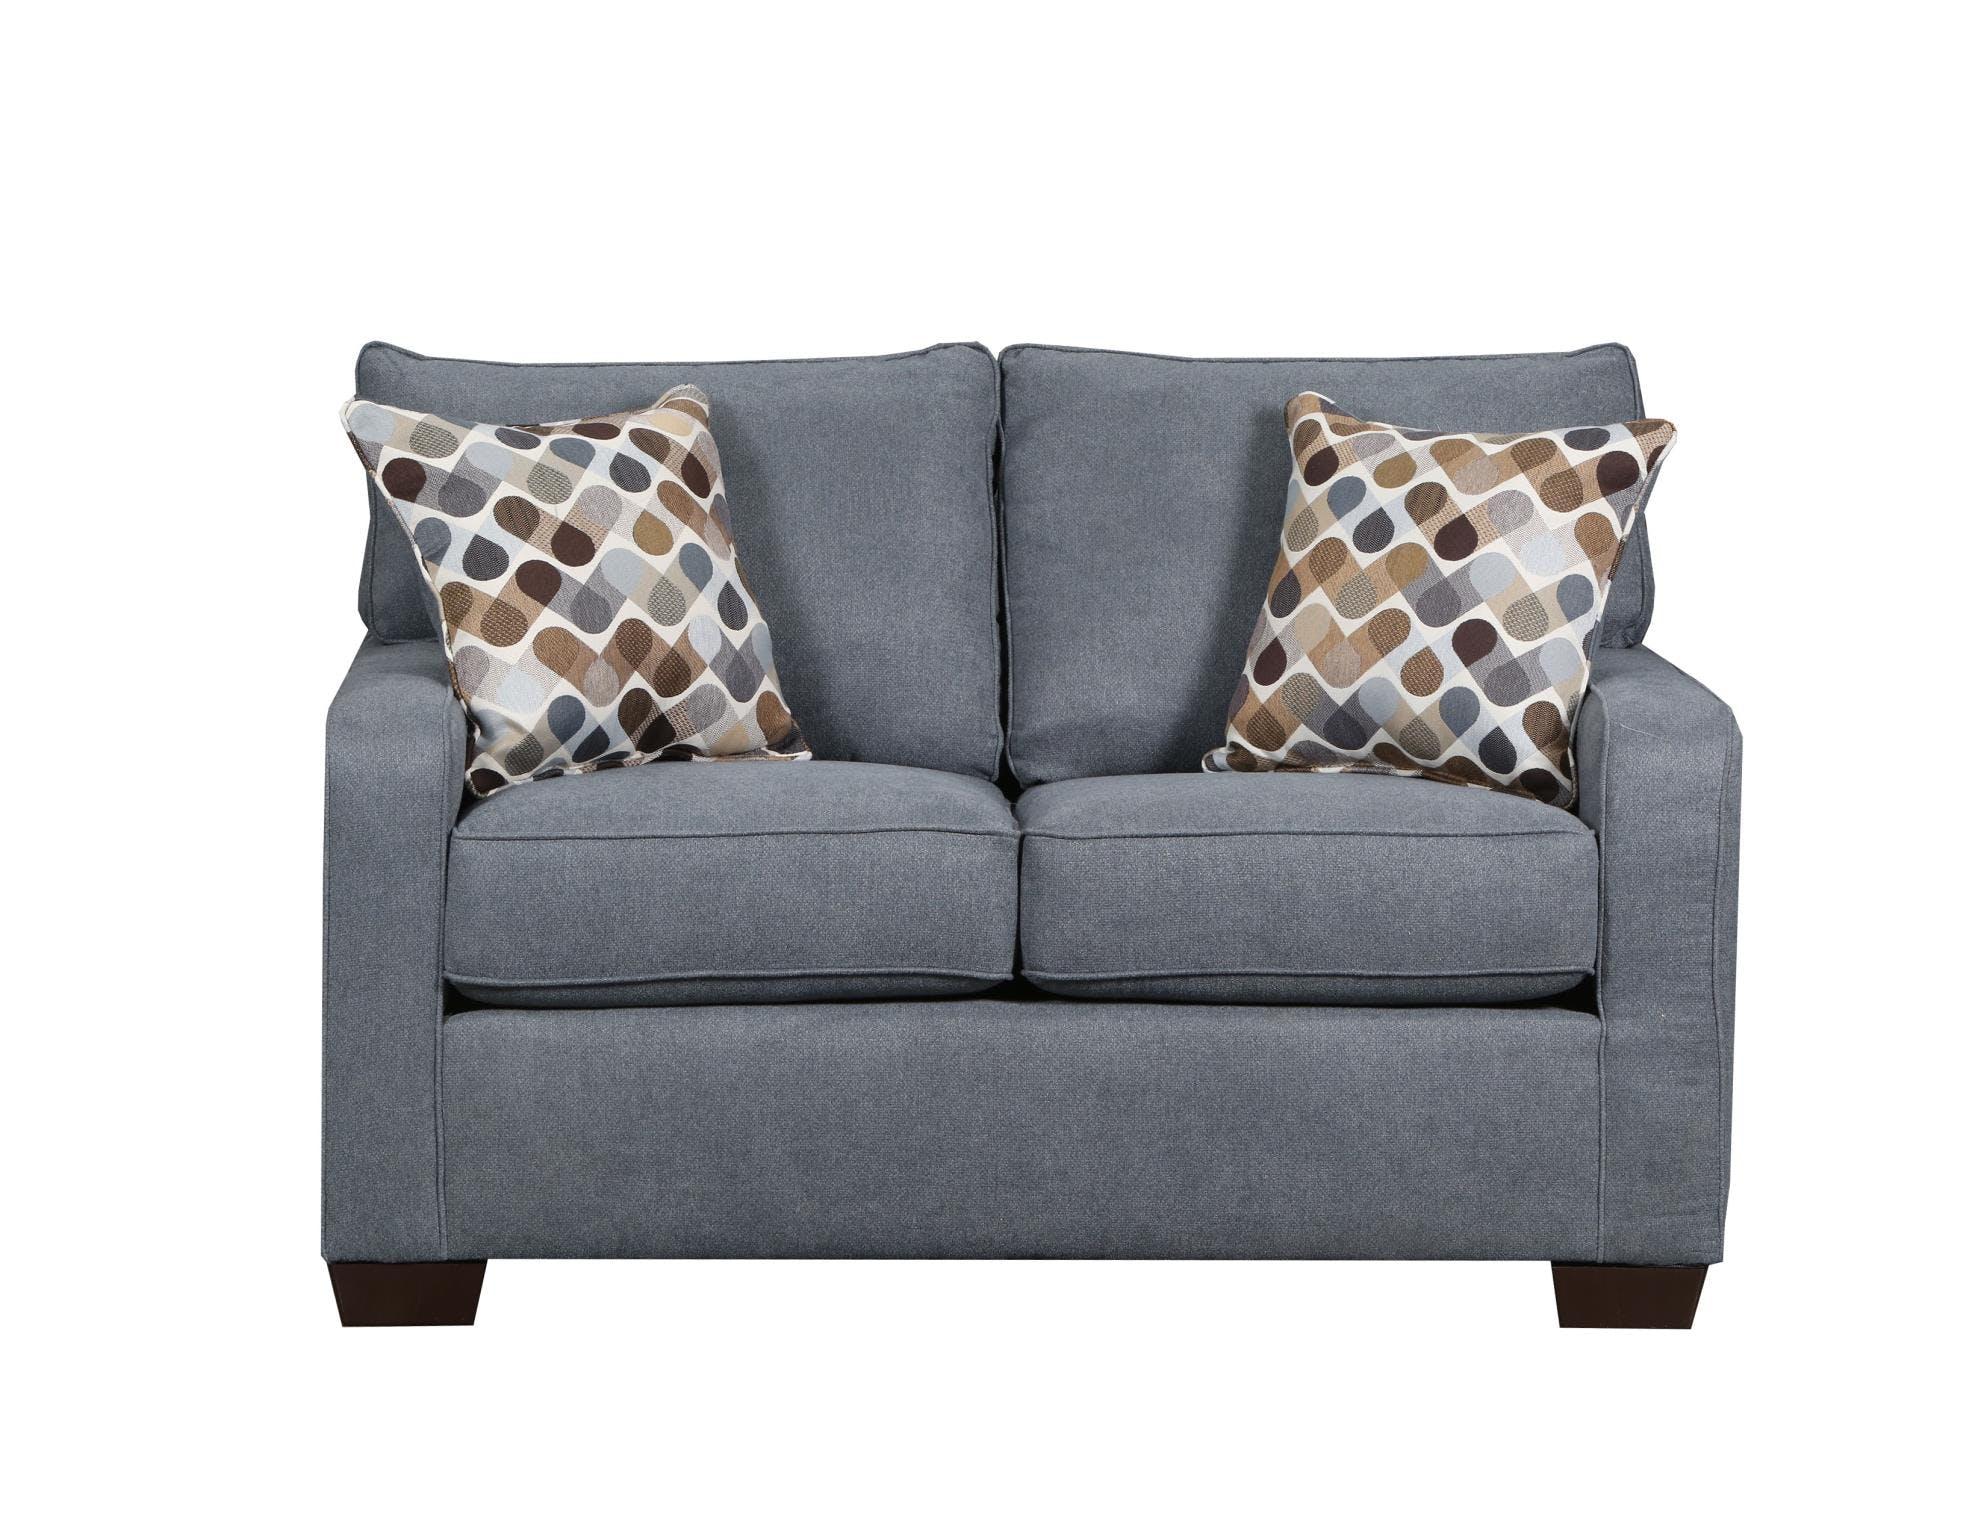 Lane Home Furnishings Living Room Loveseat Mia Denim Swivel Desert 9025 02 9166a Homeplace